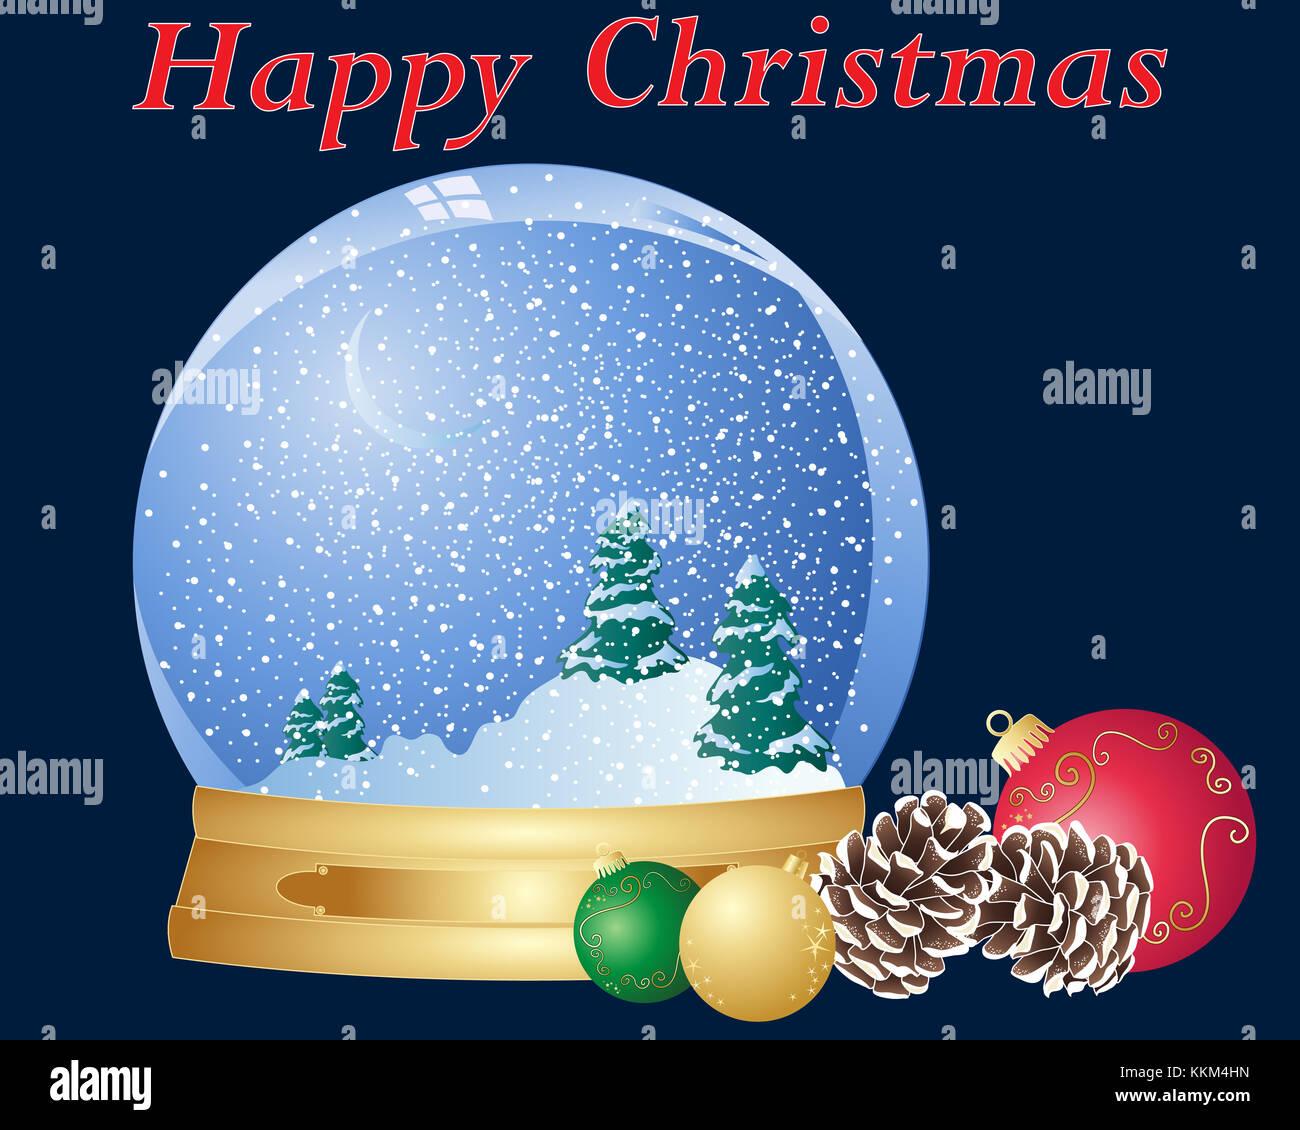 Der Weihnachten.Eine Darstellung Der Weihnachten Snow Dome Tannenzapfen Und Urlaub